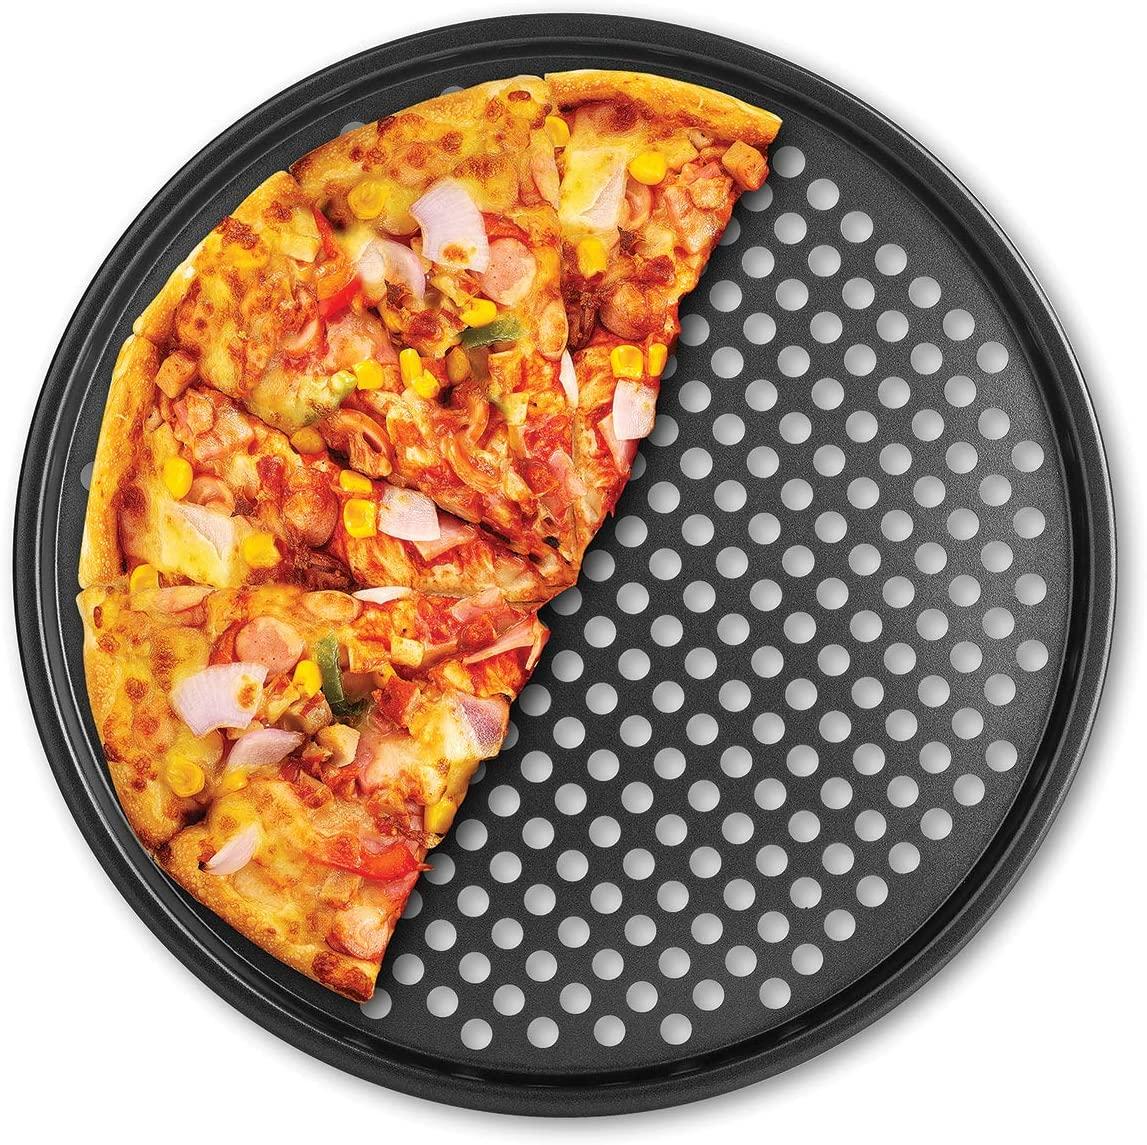 Fox Run 4491 Pizza Crisper Pan, Carbon Steel, Non-Stick,Black,14.5 x 14.5 x 0.25 inches